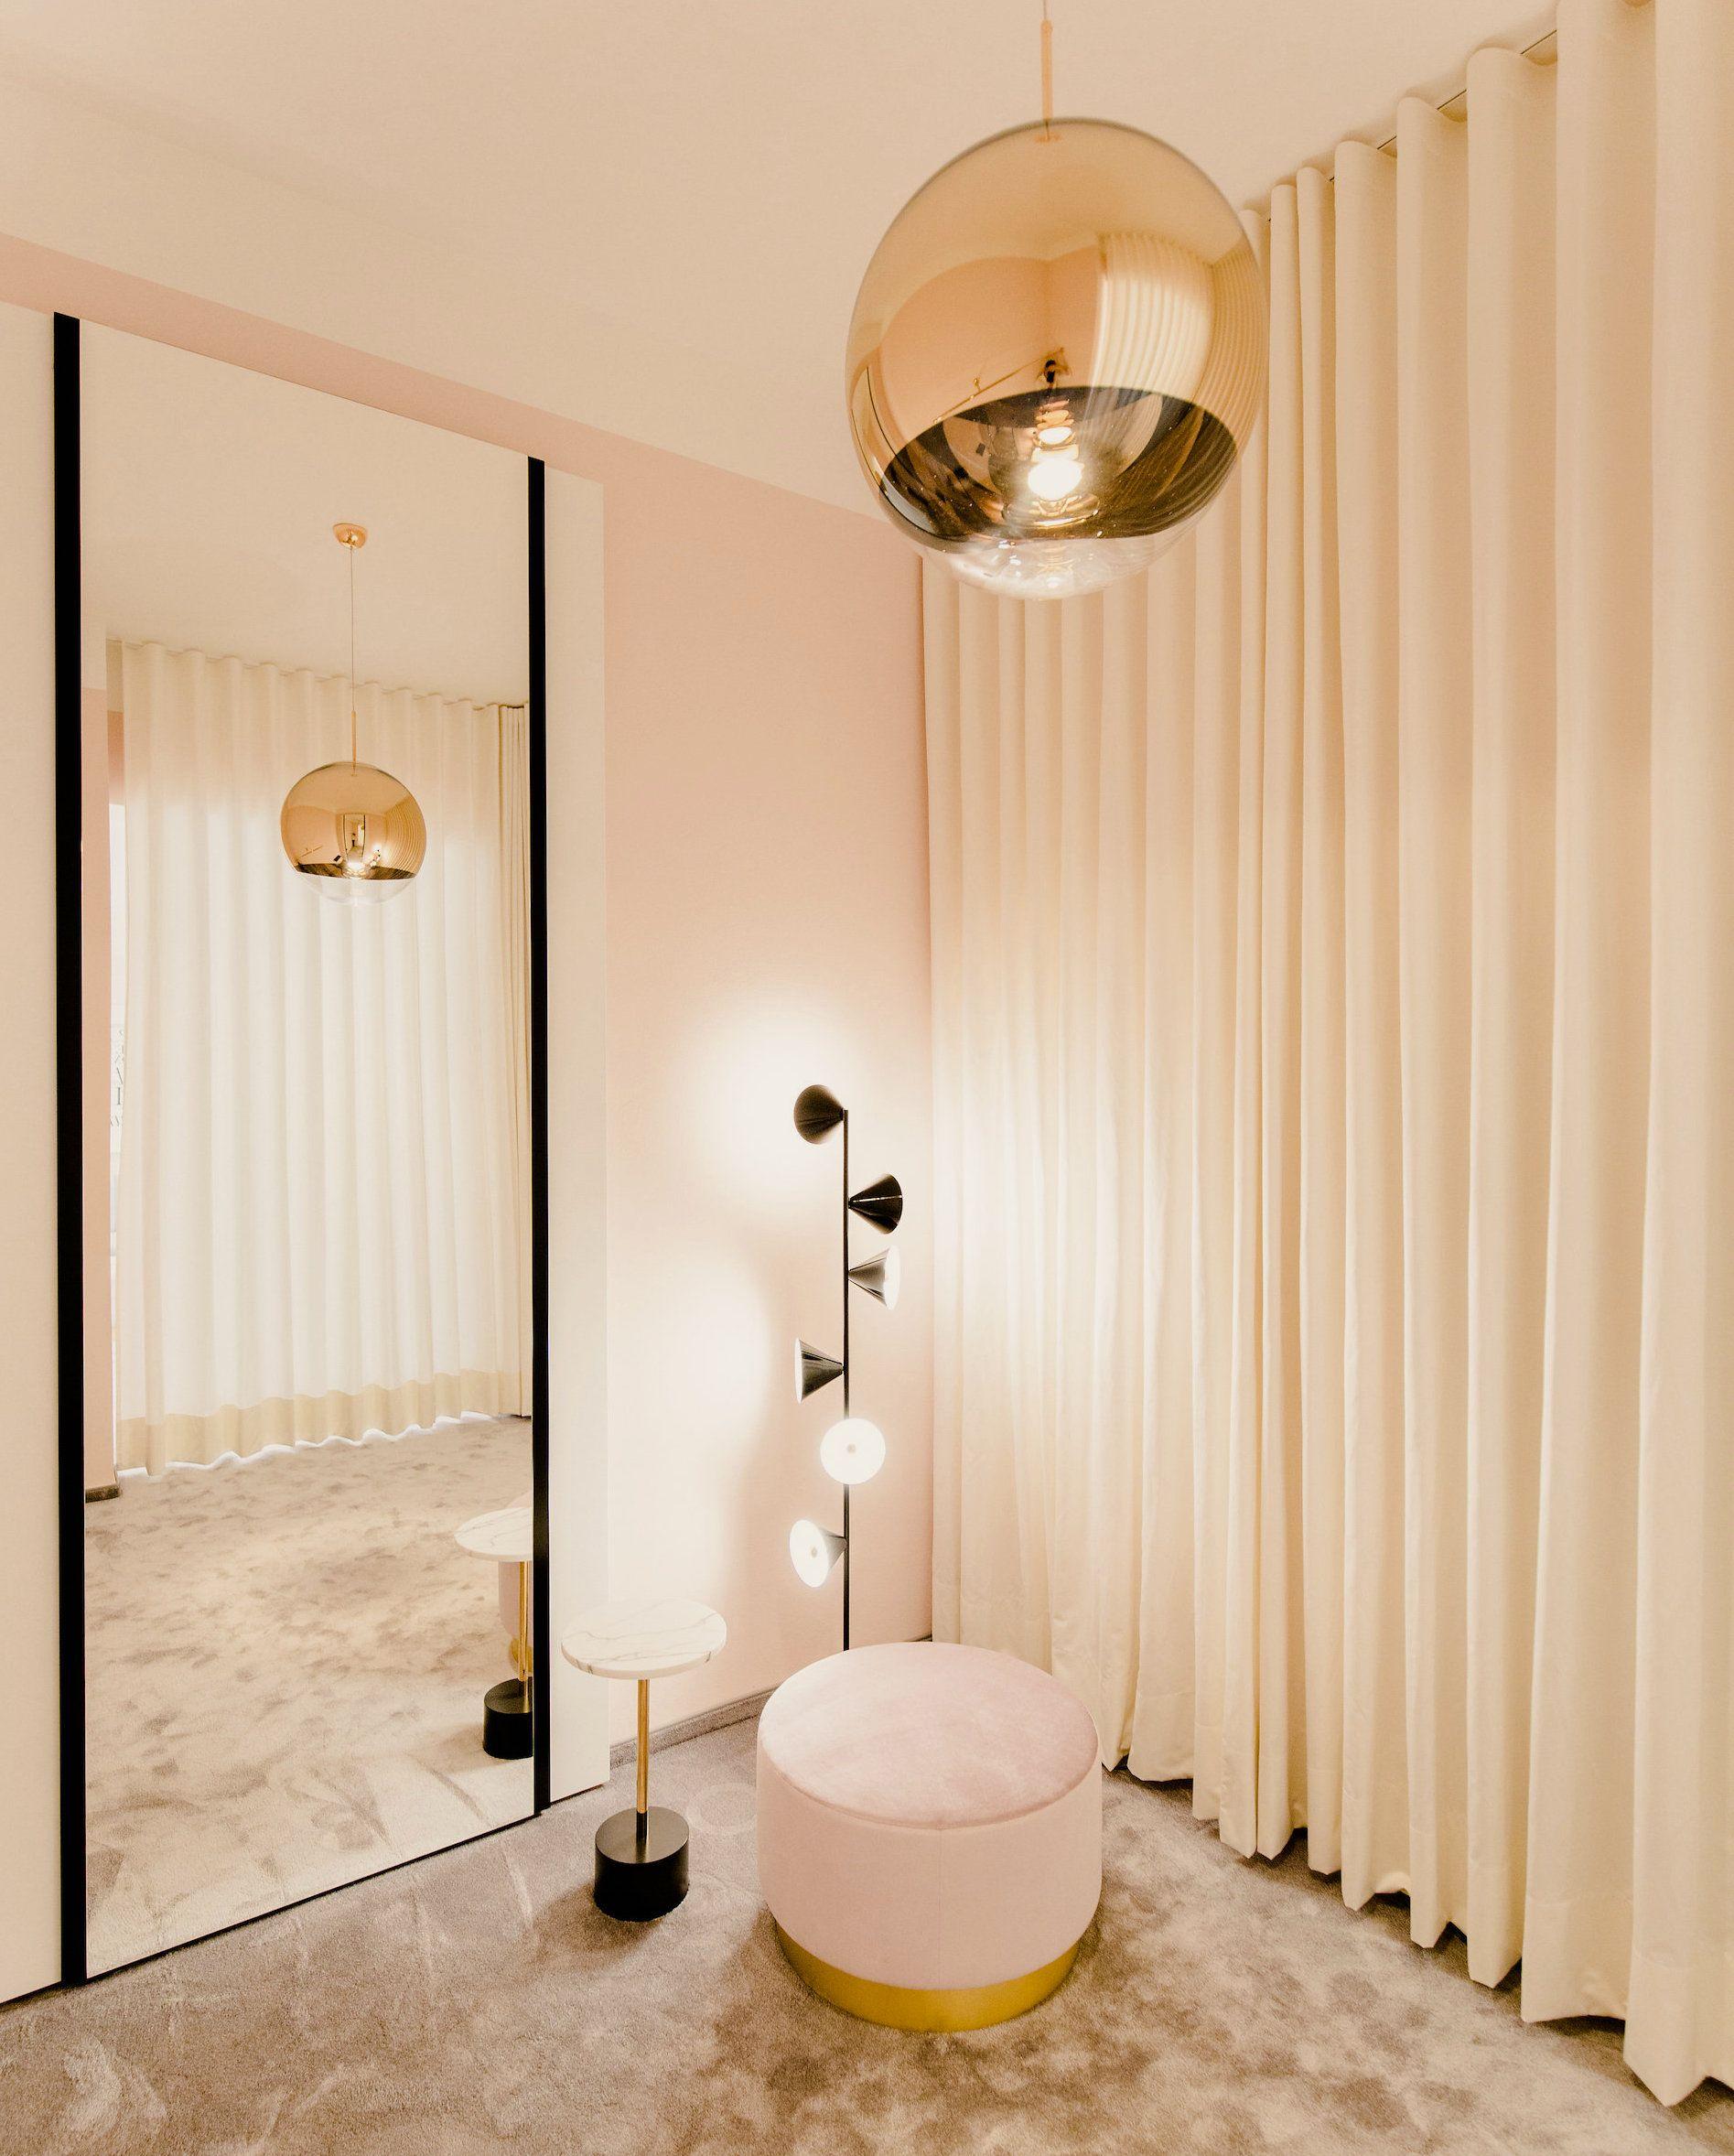 Interior design changing room of say yes munich interiordesign der umkleidekabine vom say - Lichtplanung schlafzimmer ...